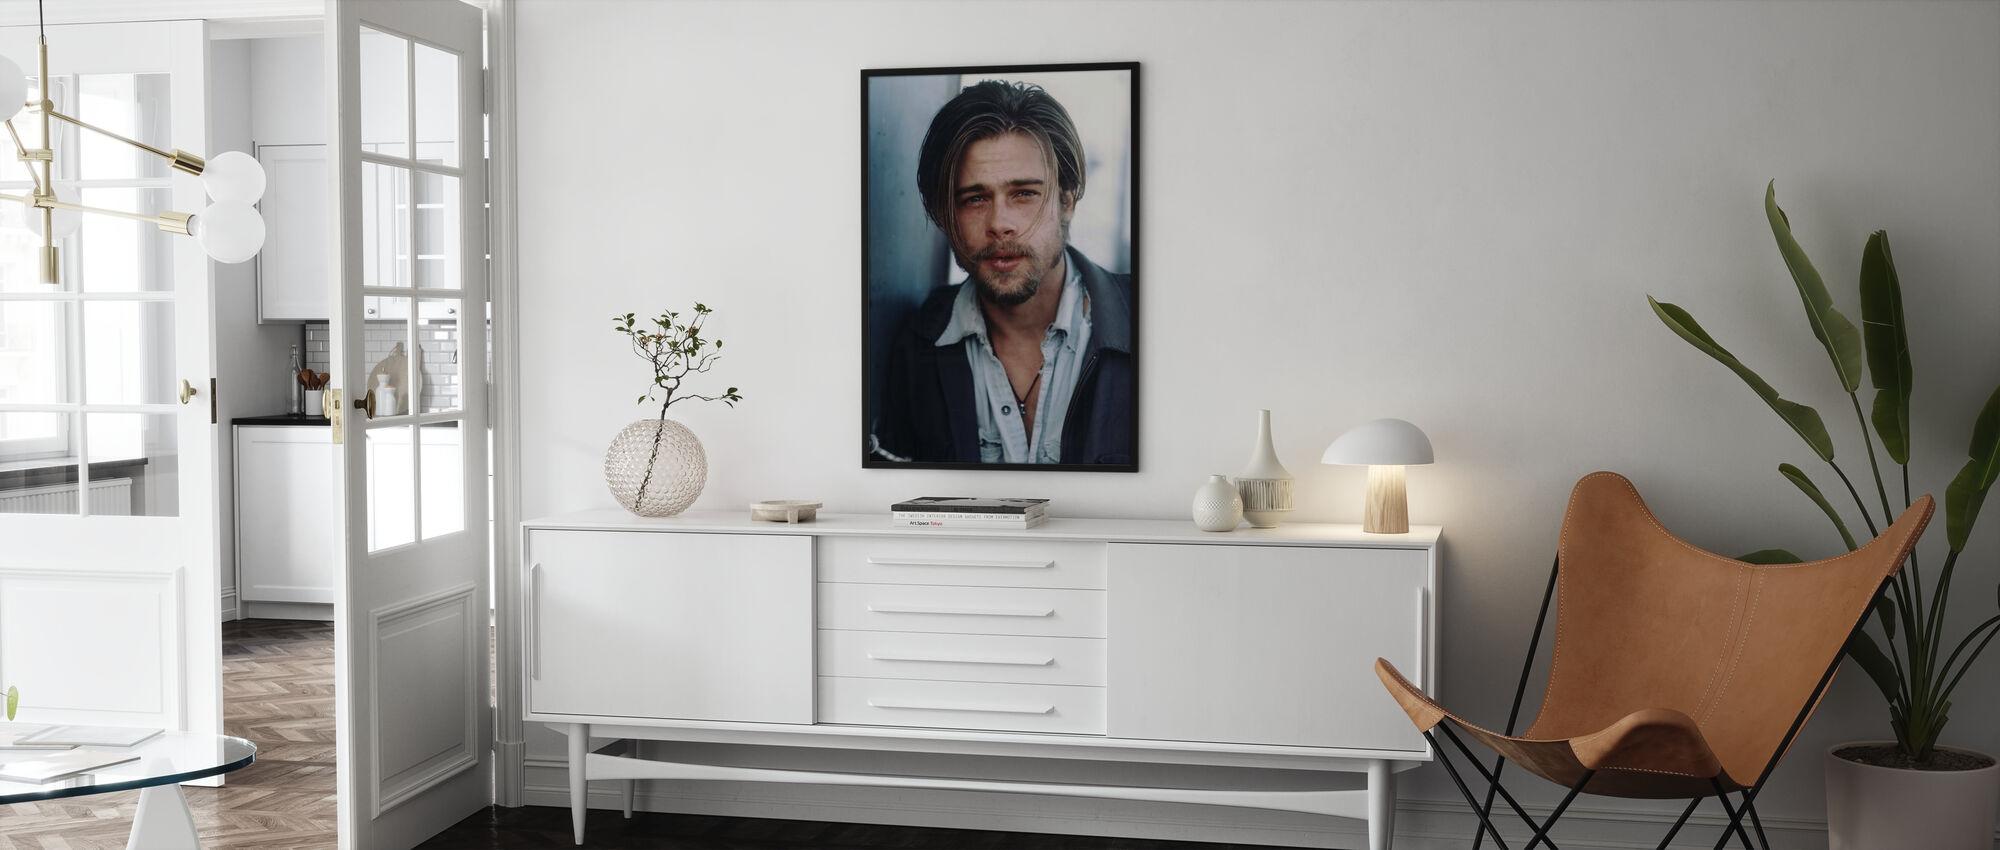 Brad Pitt in California - Poster - Salotto